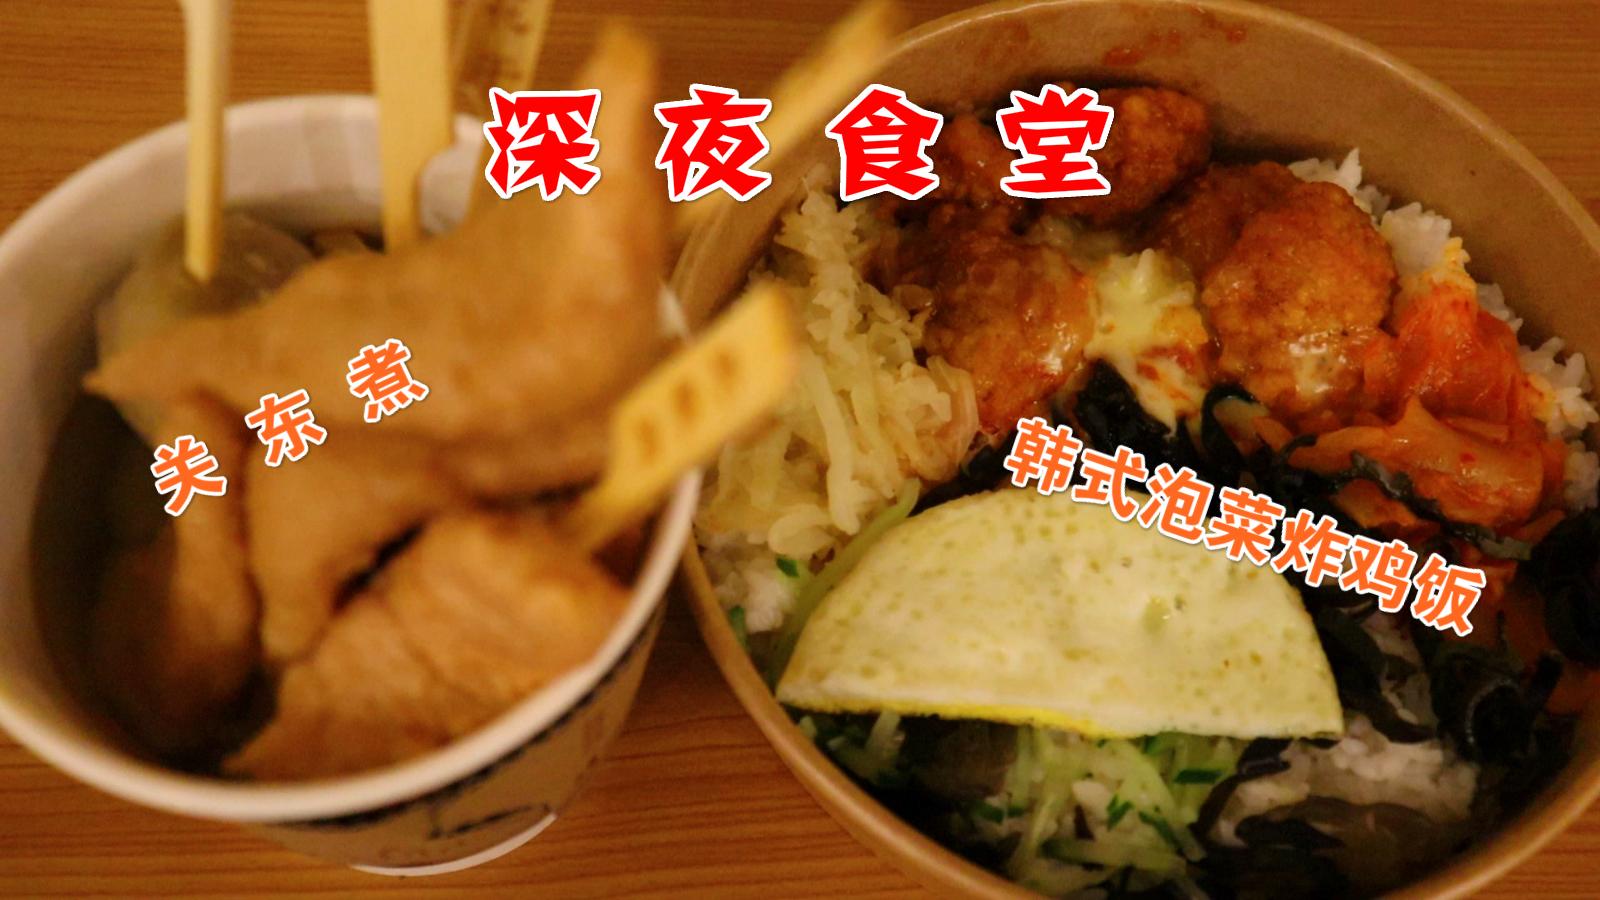 【出道616】深夜食堂!韩式泡菜炸鸡饭+日式关东煮,便利店美食同样不容小觑!